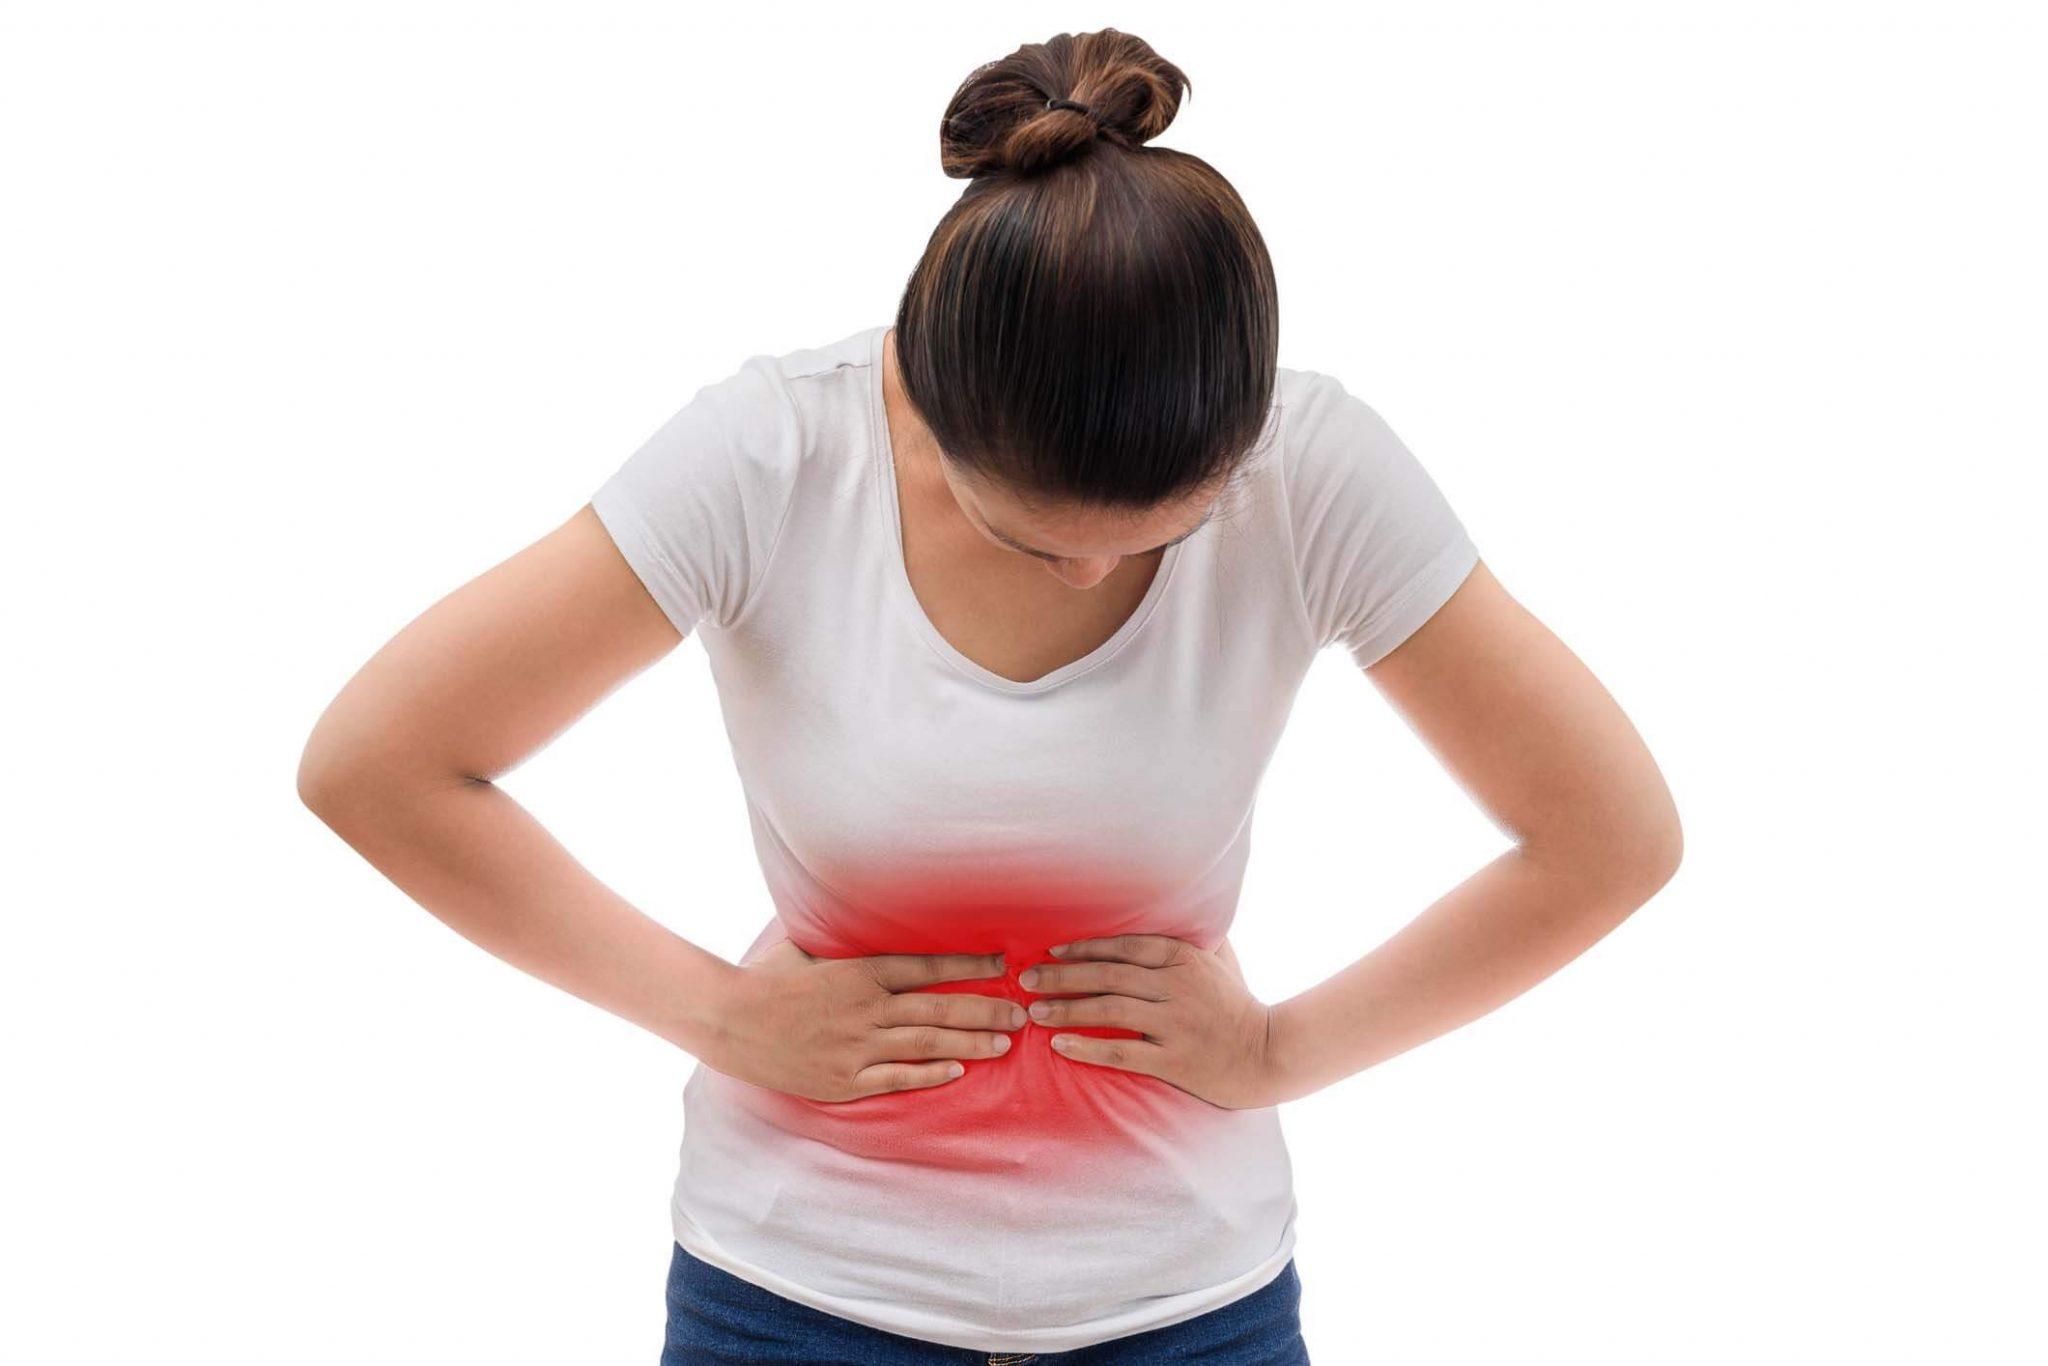 Đau bụng kinh kéo dài khoảng bao lâu thì khỏi